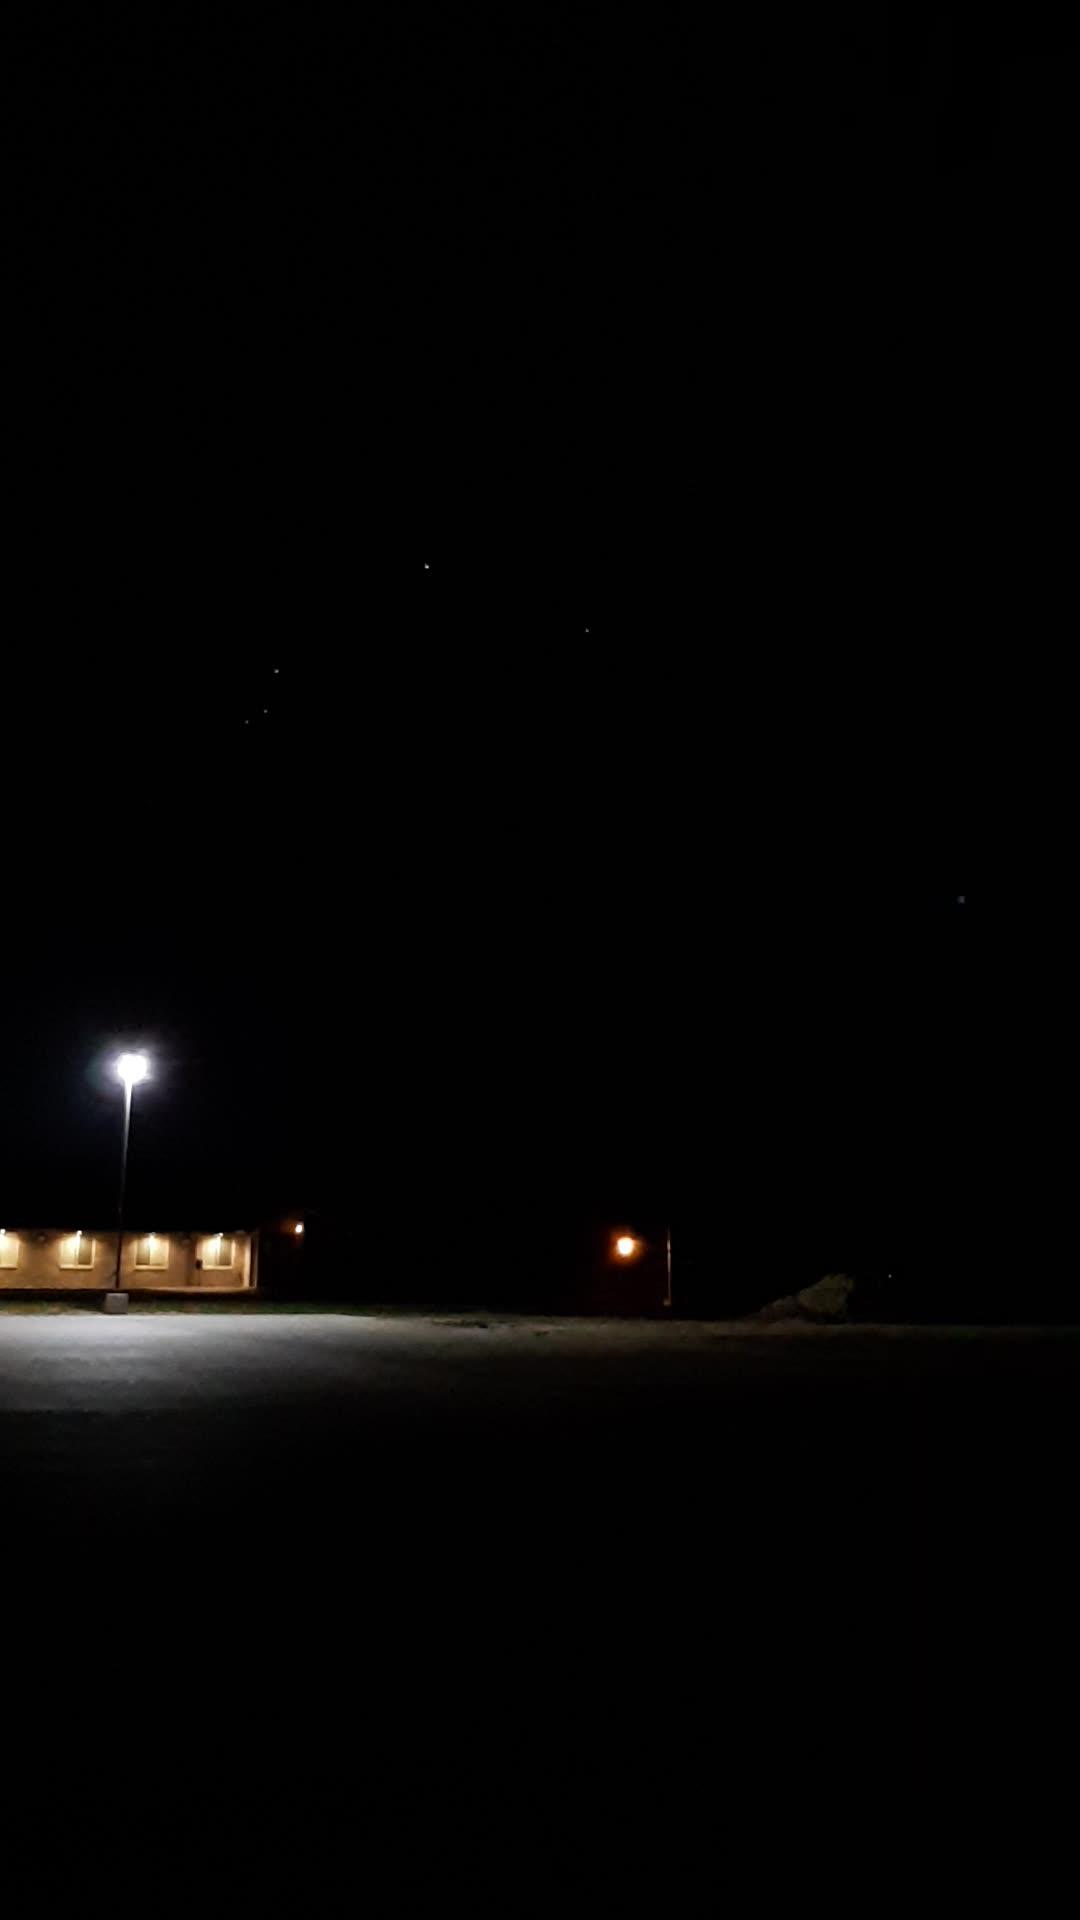 UFOs in Norfolk, NE August 28, 2018 GIFs